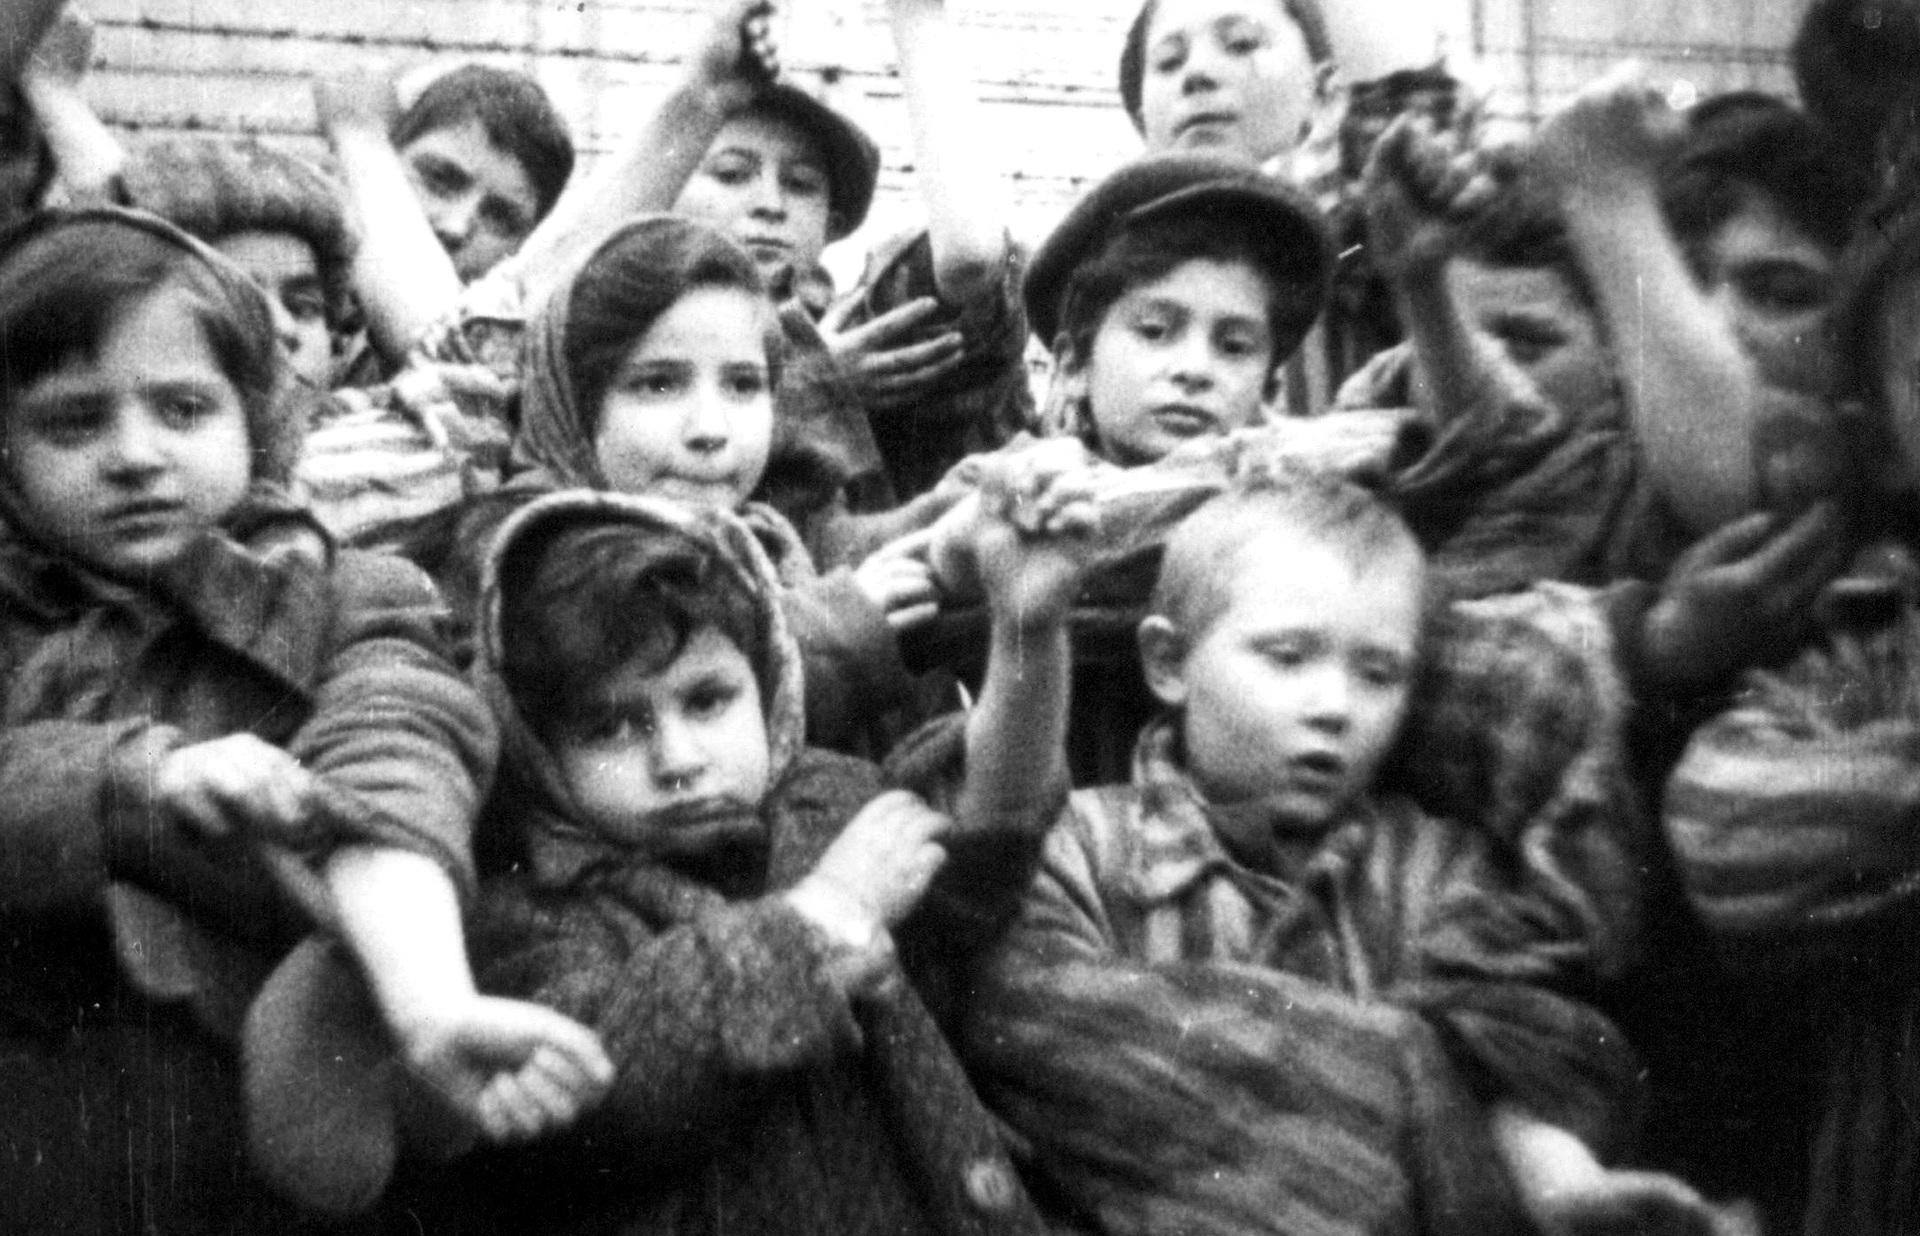 Бывшие узники фашизма отметили дату освобождения Освенцима